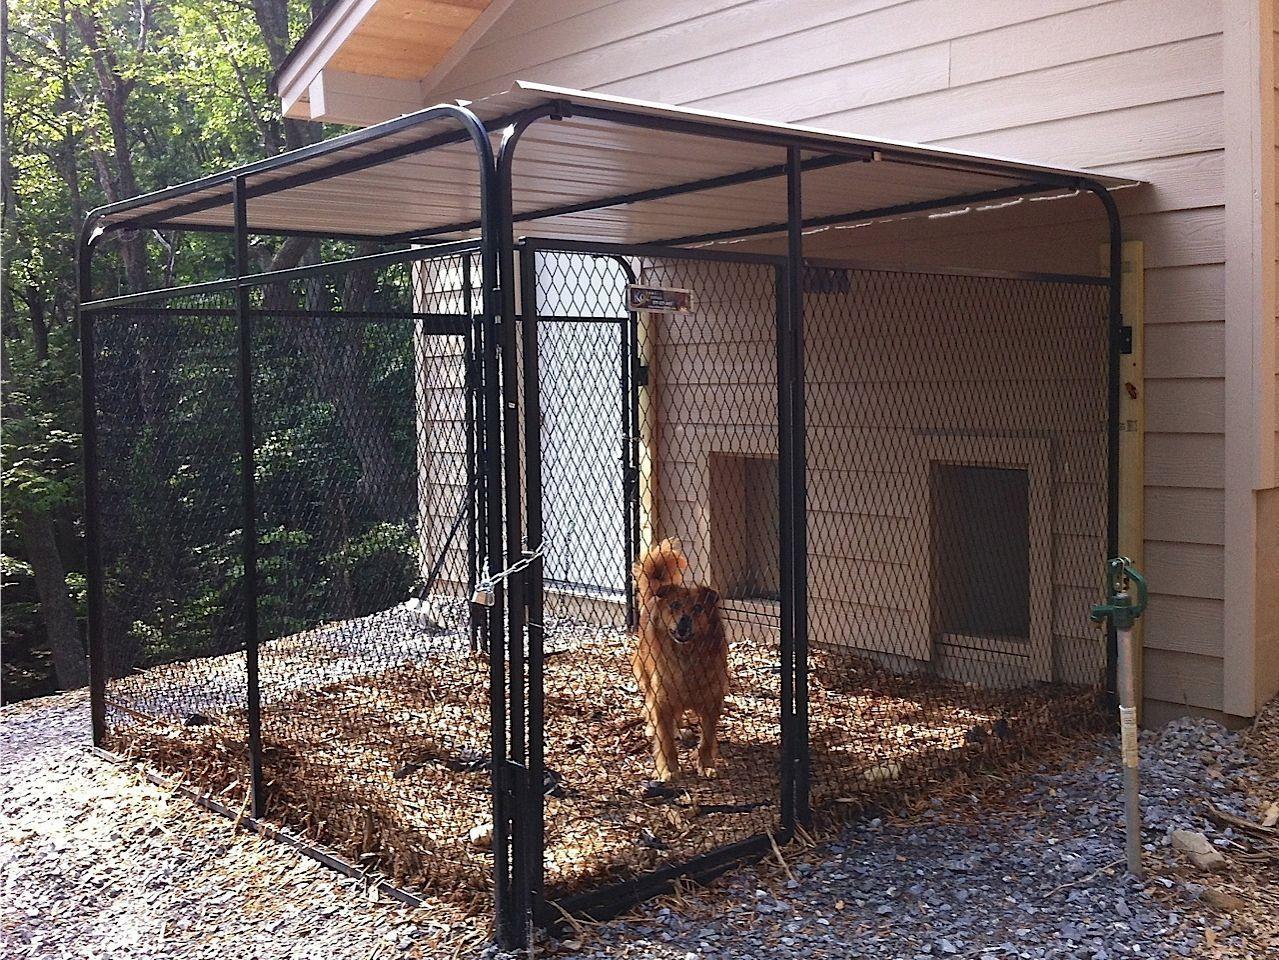 Home Dsgn Designing Home Inspiration Diy Dog Kennel Indoor Dog Kennel Dog Kennel Designs Outdoor dog kennel design ideas